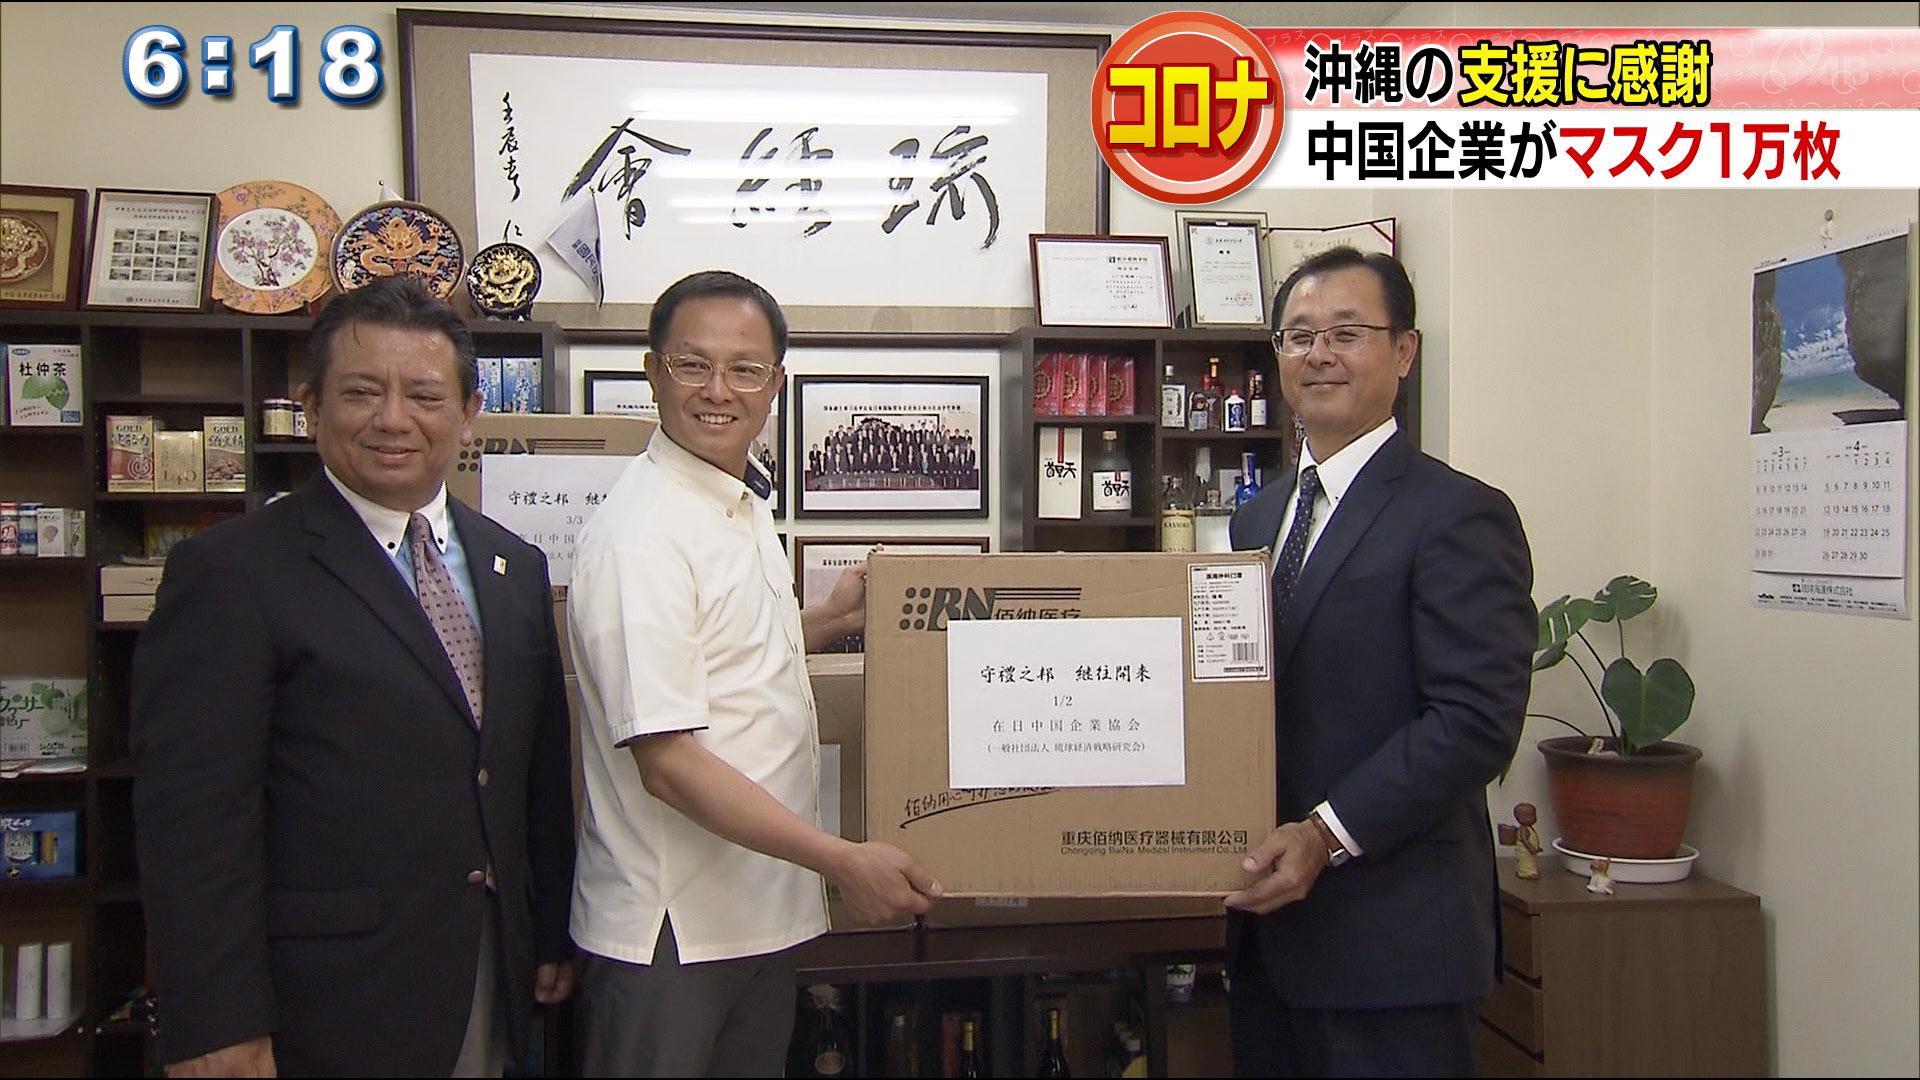 沖縄の支援にお返し 中国から1万枚のマスク贈呈